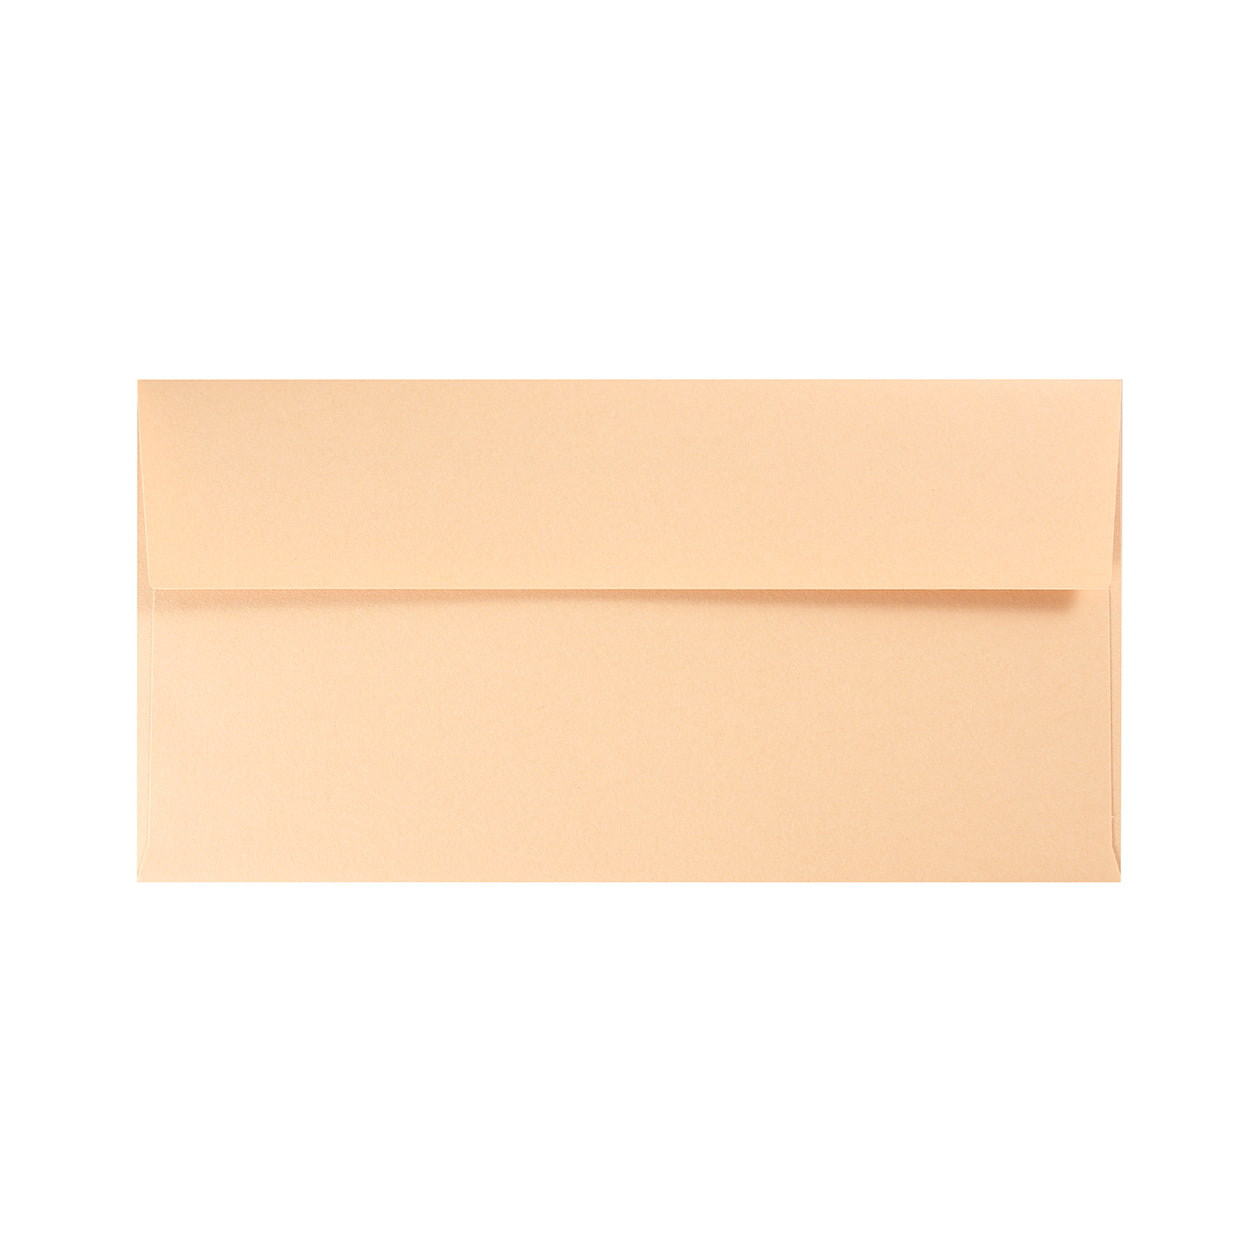 長3カマス封筒 コットン(NTラシャ) 古染(こそめ) 116.3g